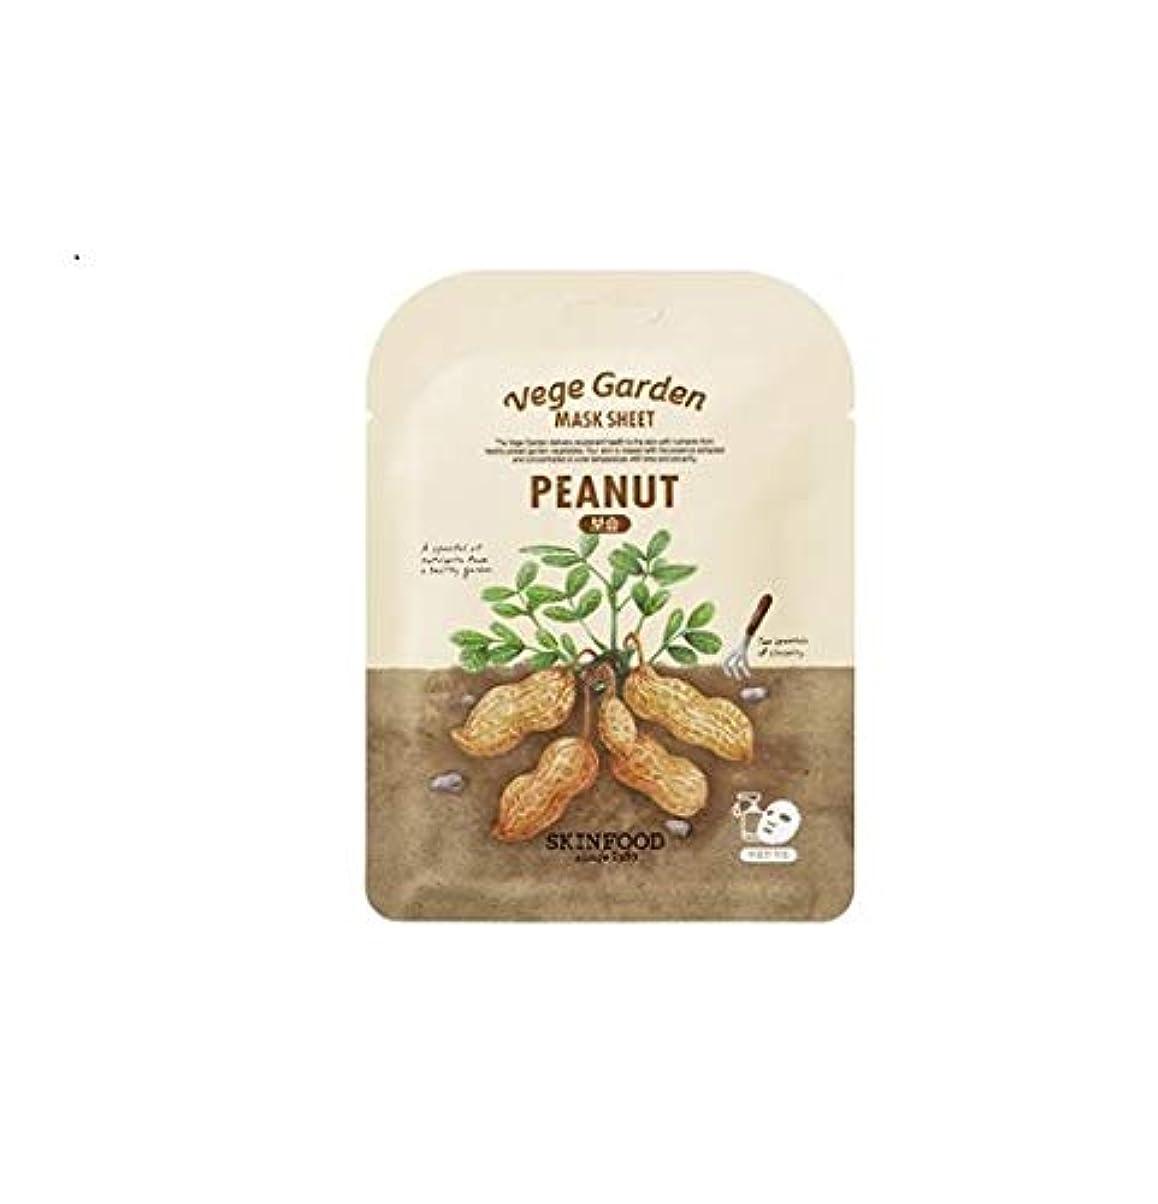 巻き取りインターネット公Skinfood ベジガーデンマスクシート#ピーナッツ* 10ea / Vege Garden Mask Sheet#peanut *10ea 20ml*10 [並行輸入品]